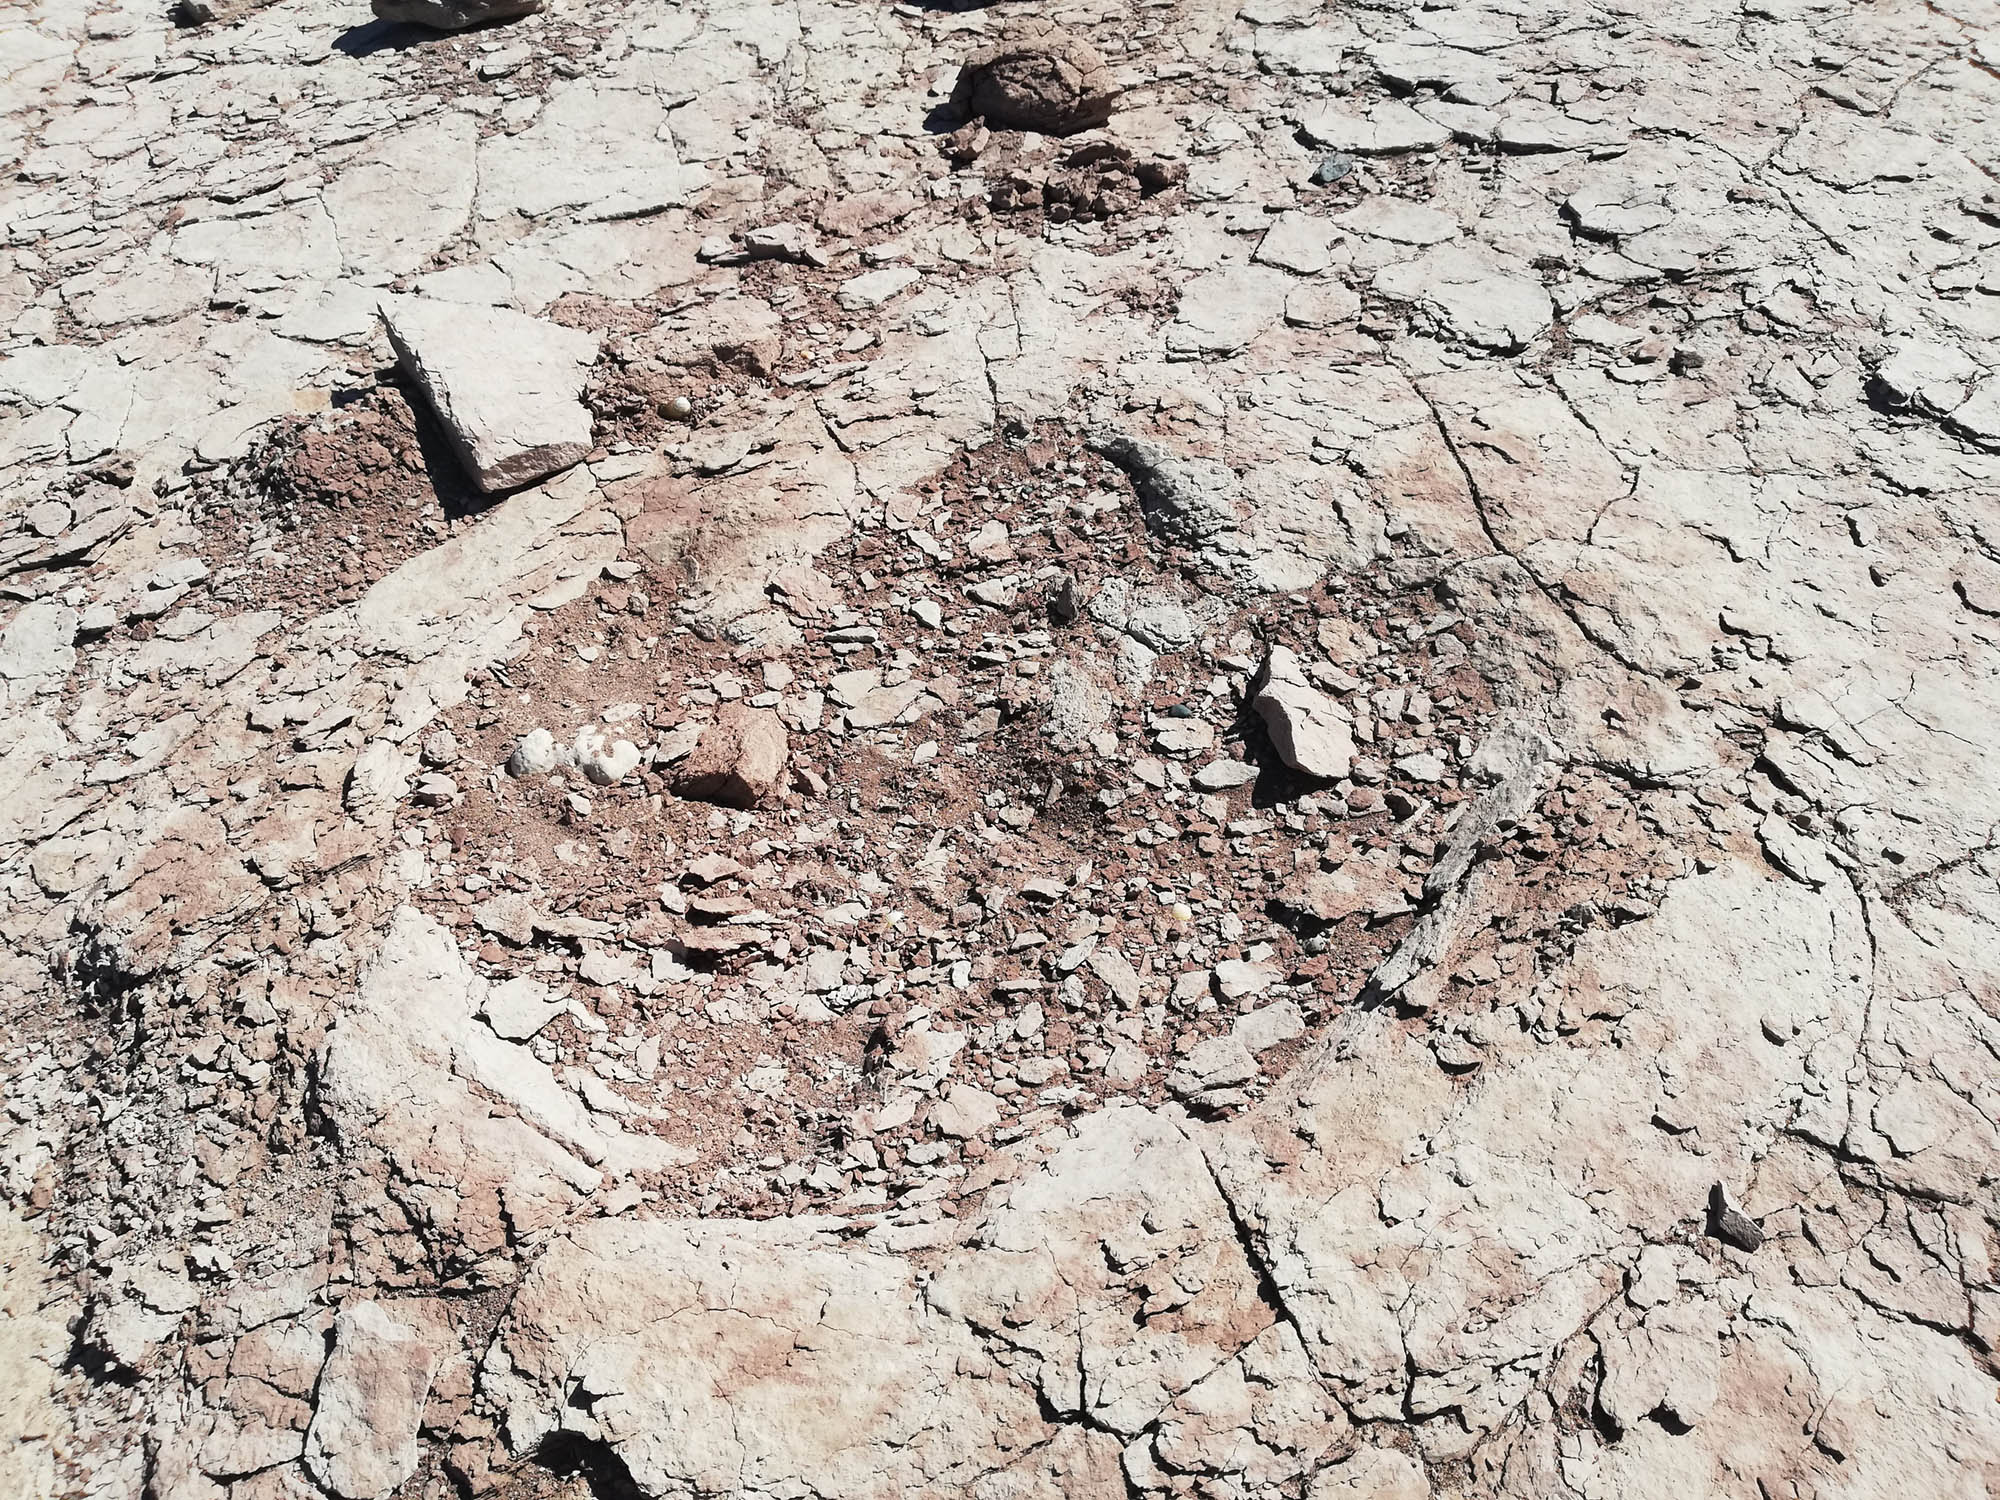 100 Million-Year-Old Dinosaur Footprints Found in Argentina Reservoir